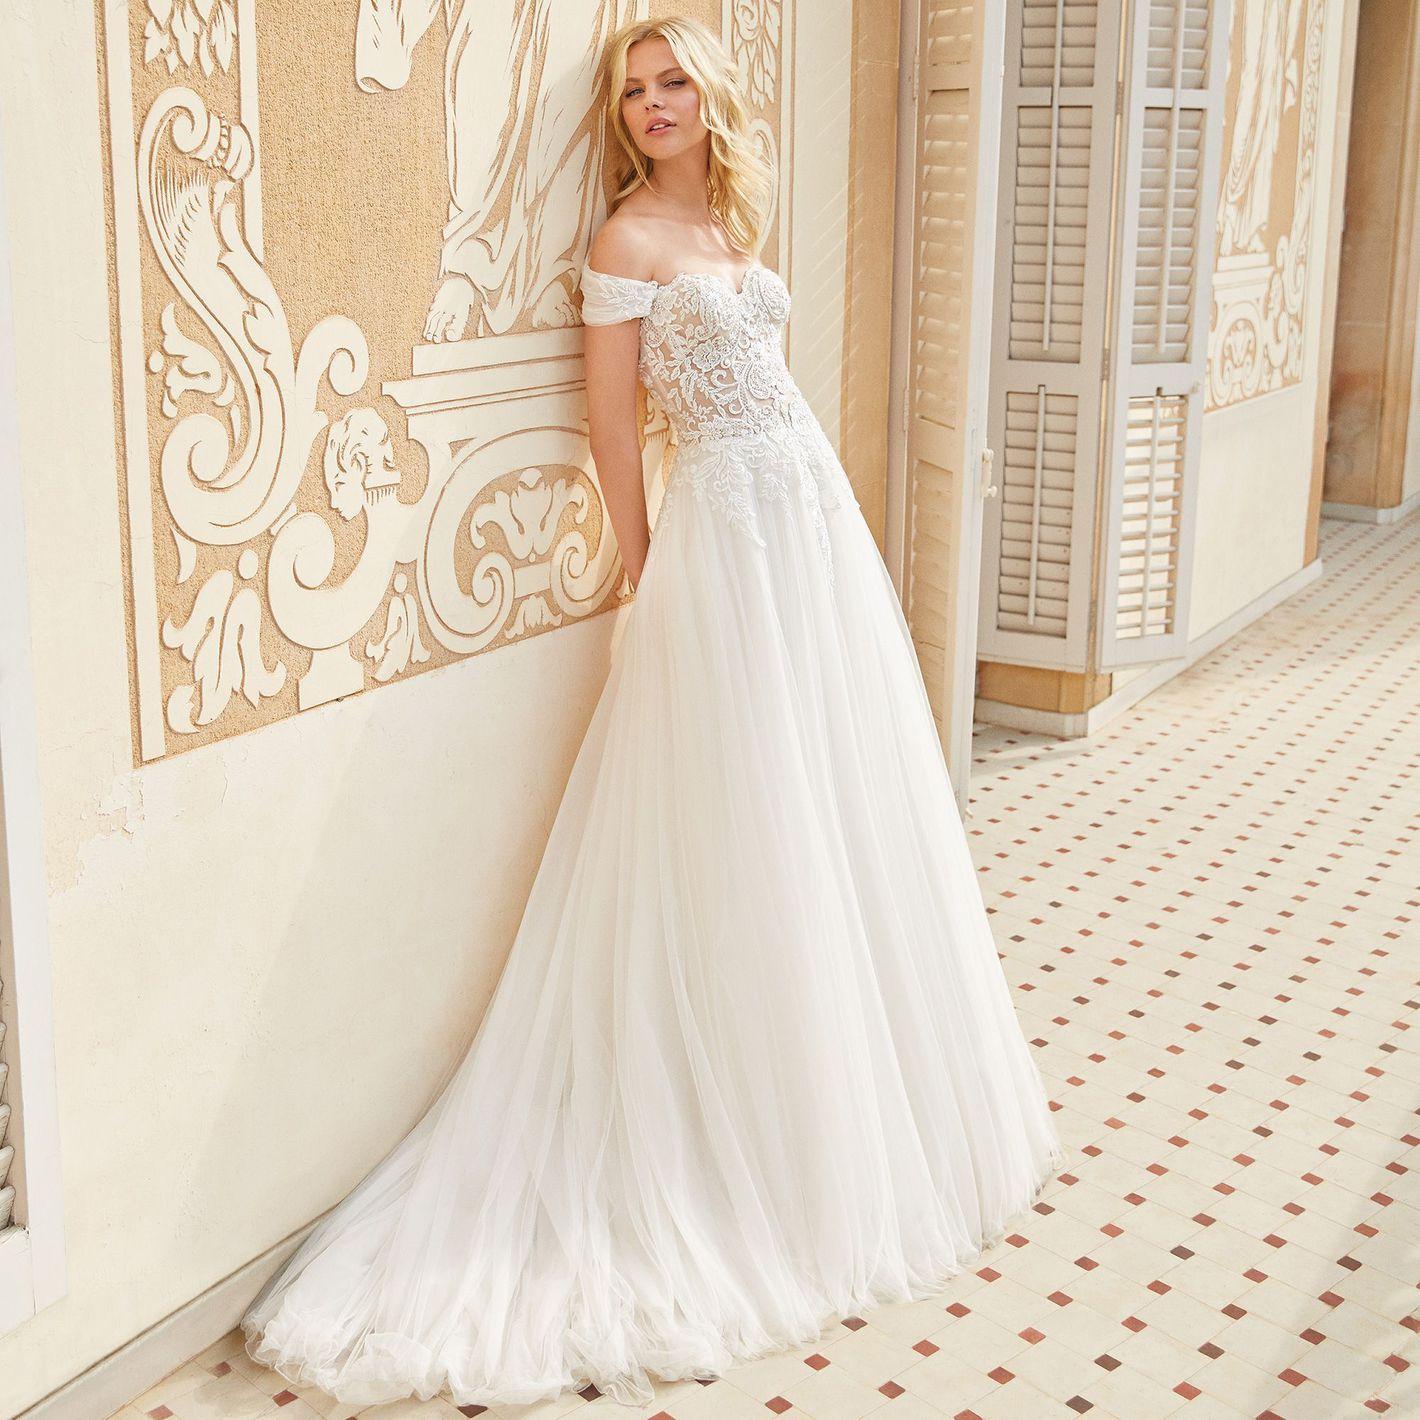 Sincerity Bridal - Στυλ 44076: Τουαλέτα πριγκιπική με αφαιρούμενη πλισέ εσάρπα